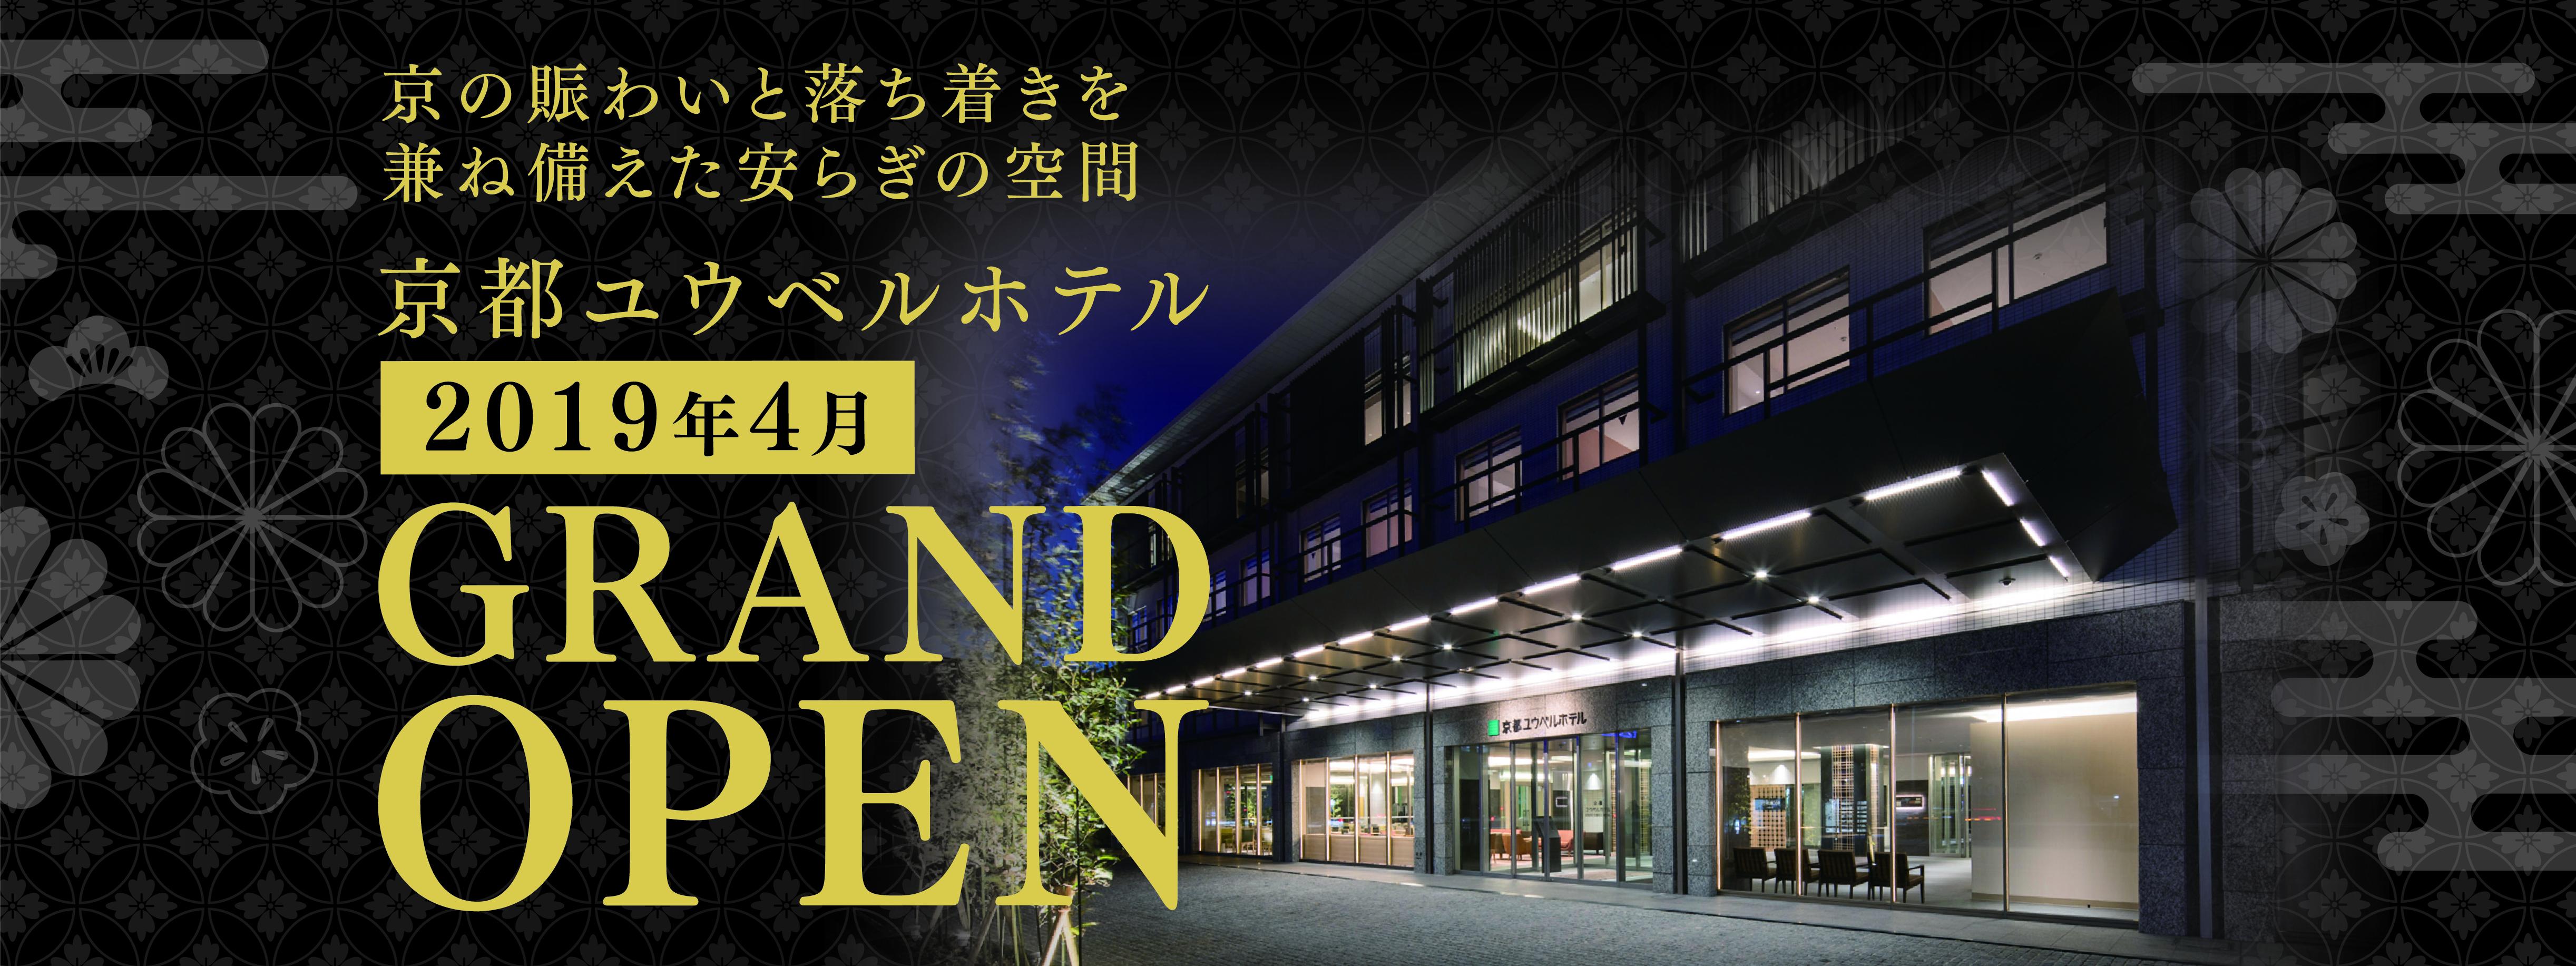 京都ユウベルホテル2019年4月GRAND OPEN